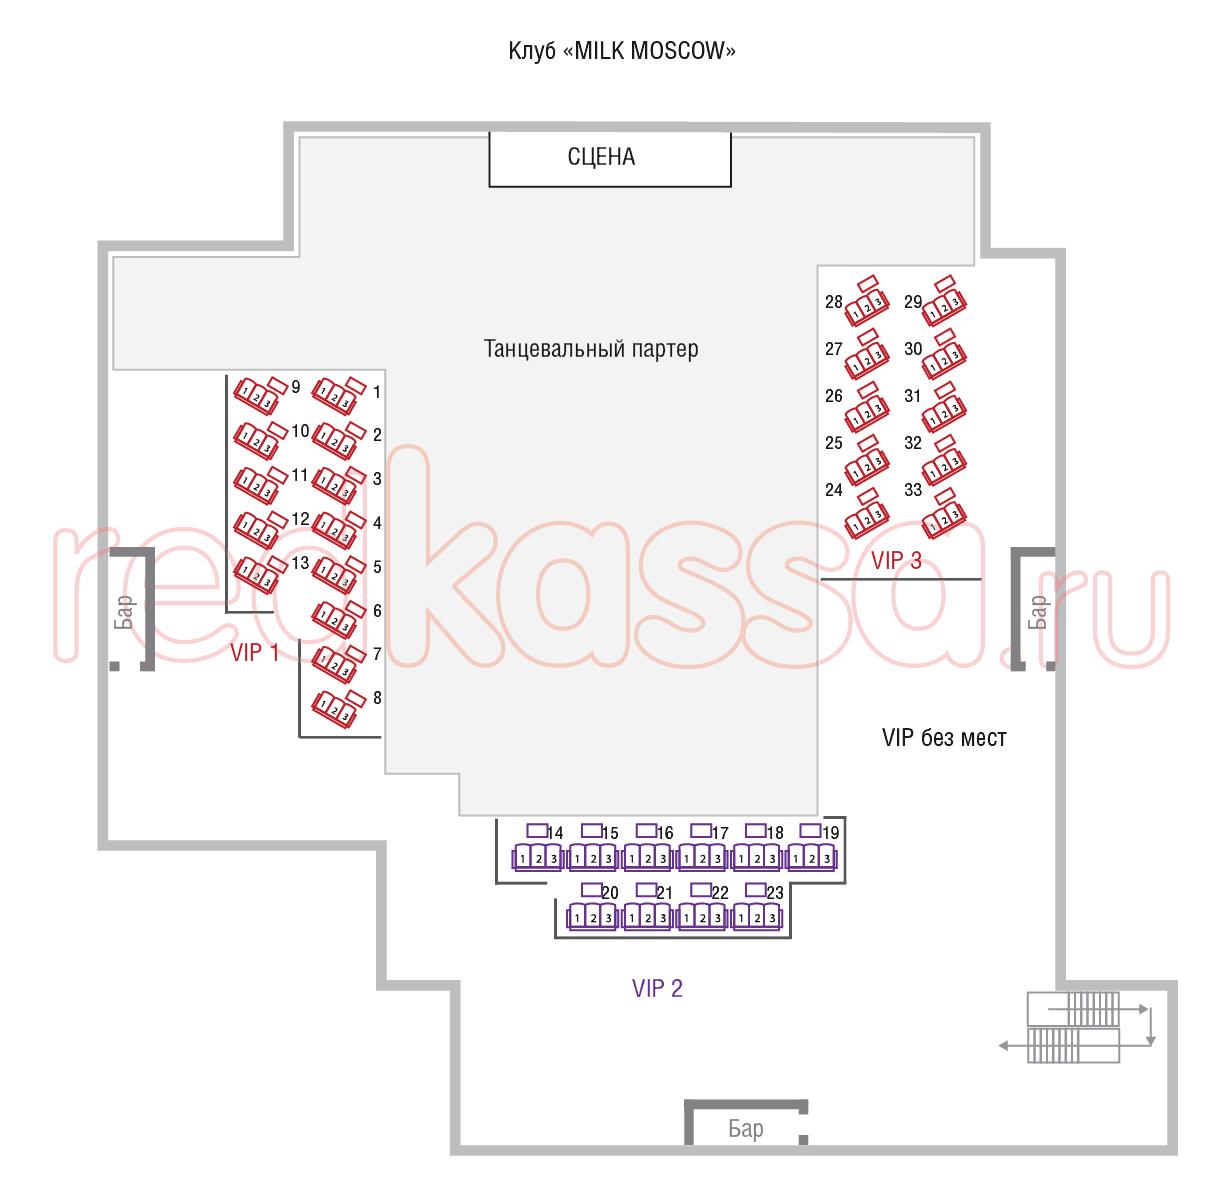 Схема зала Клуб Milk Moscow